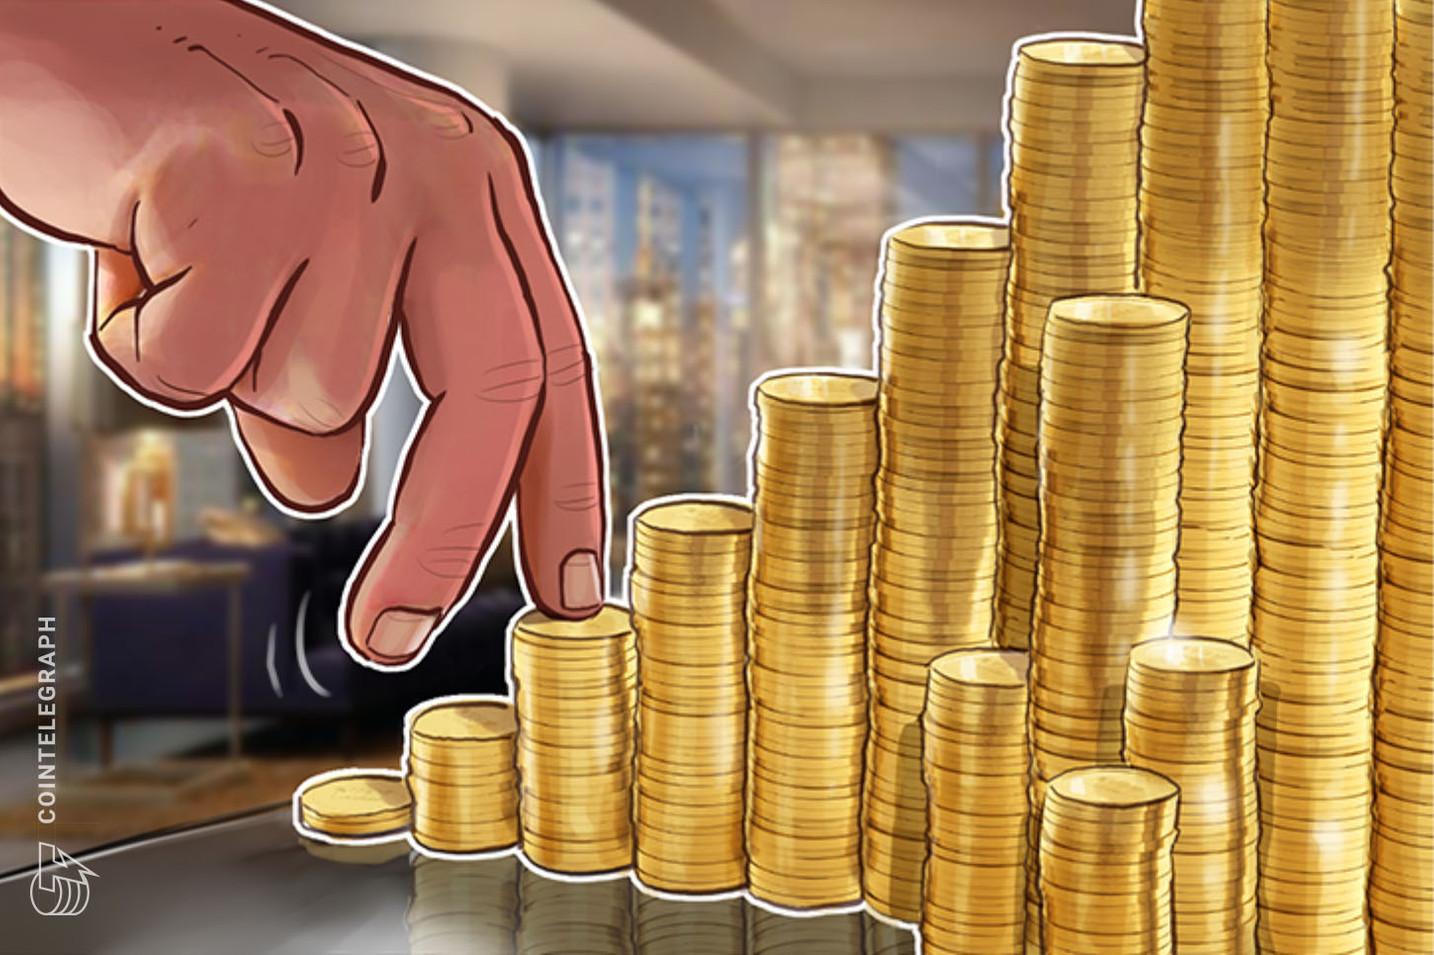 Un congresista a favor de las criptomonedas compra más monedas, y un congresista en contra de ellas recibe $100,000 en donaciones de TradFi